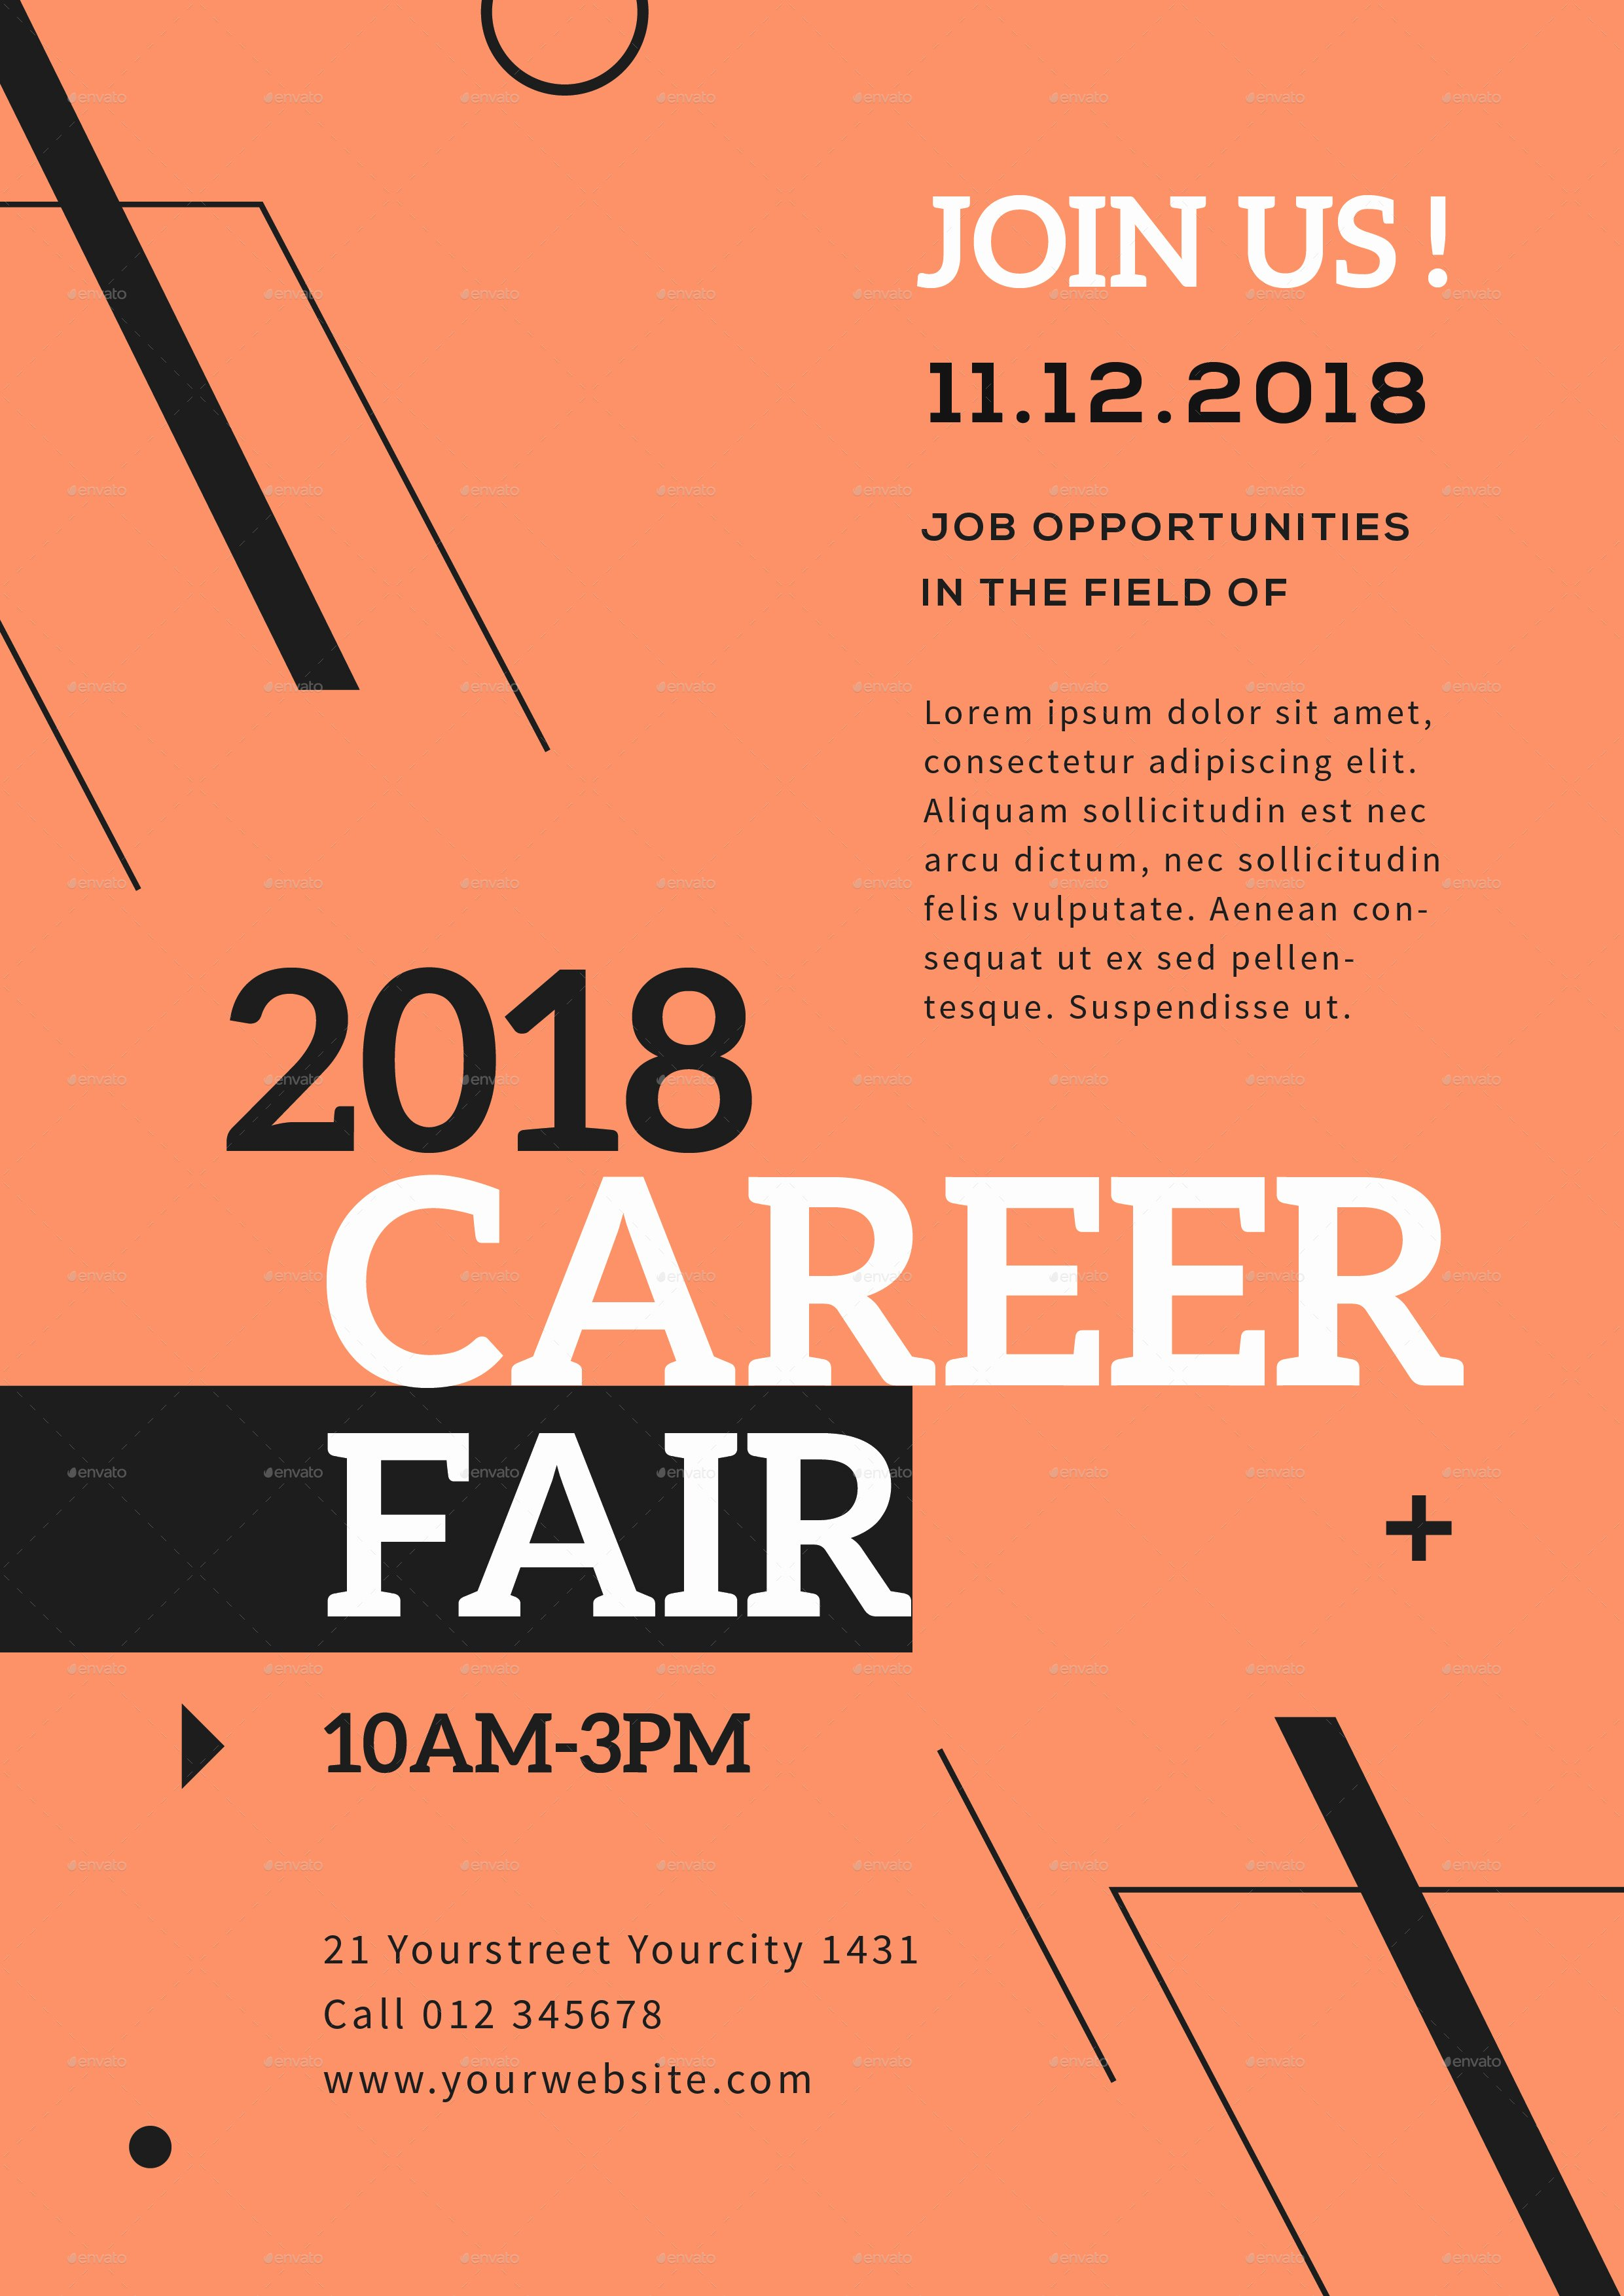 Job Fair Flyer Template Luxury Career Fair Flyer by Infinite